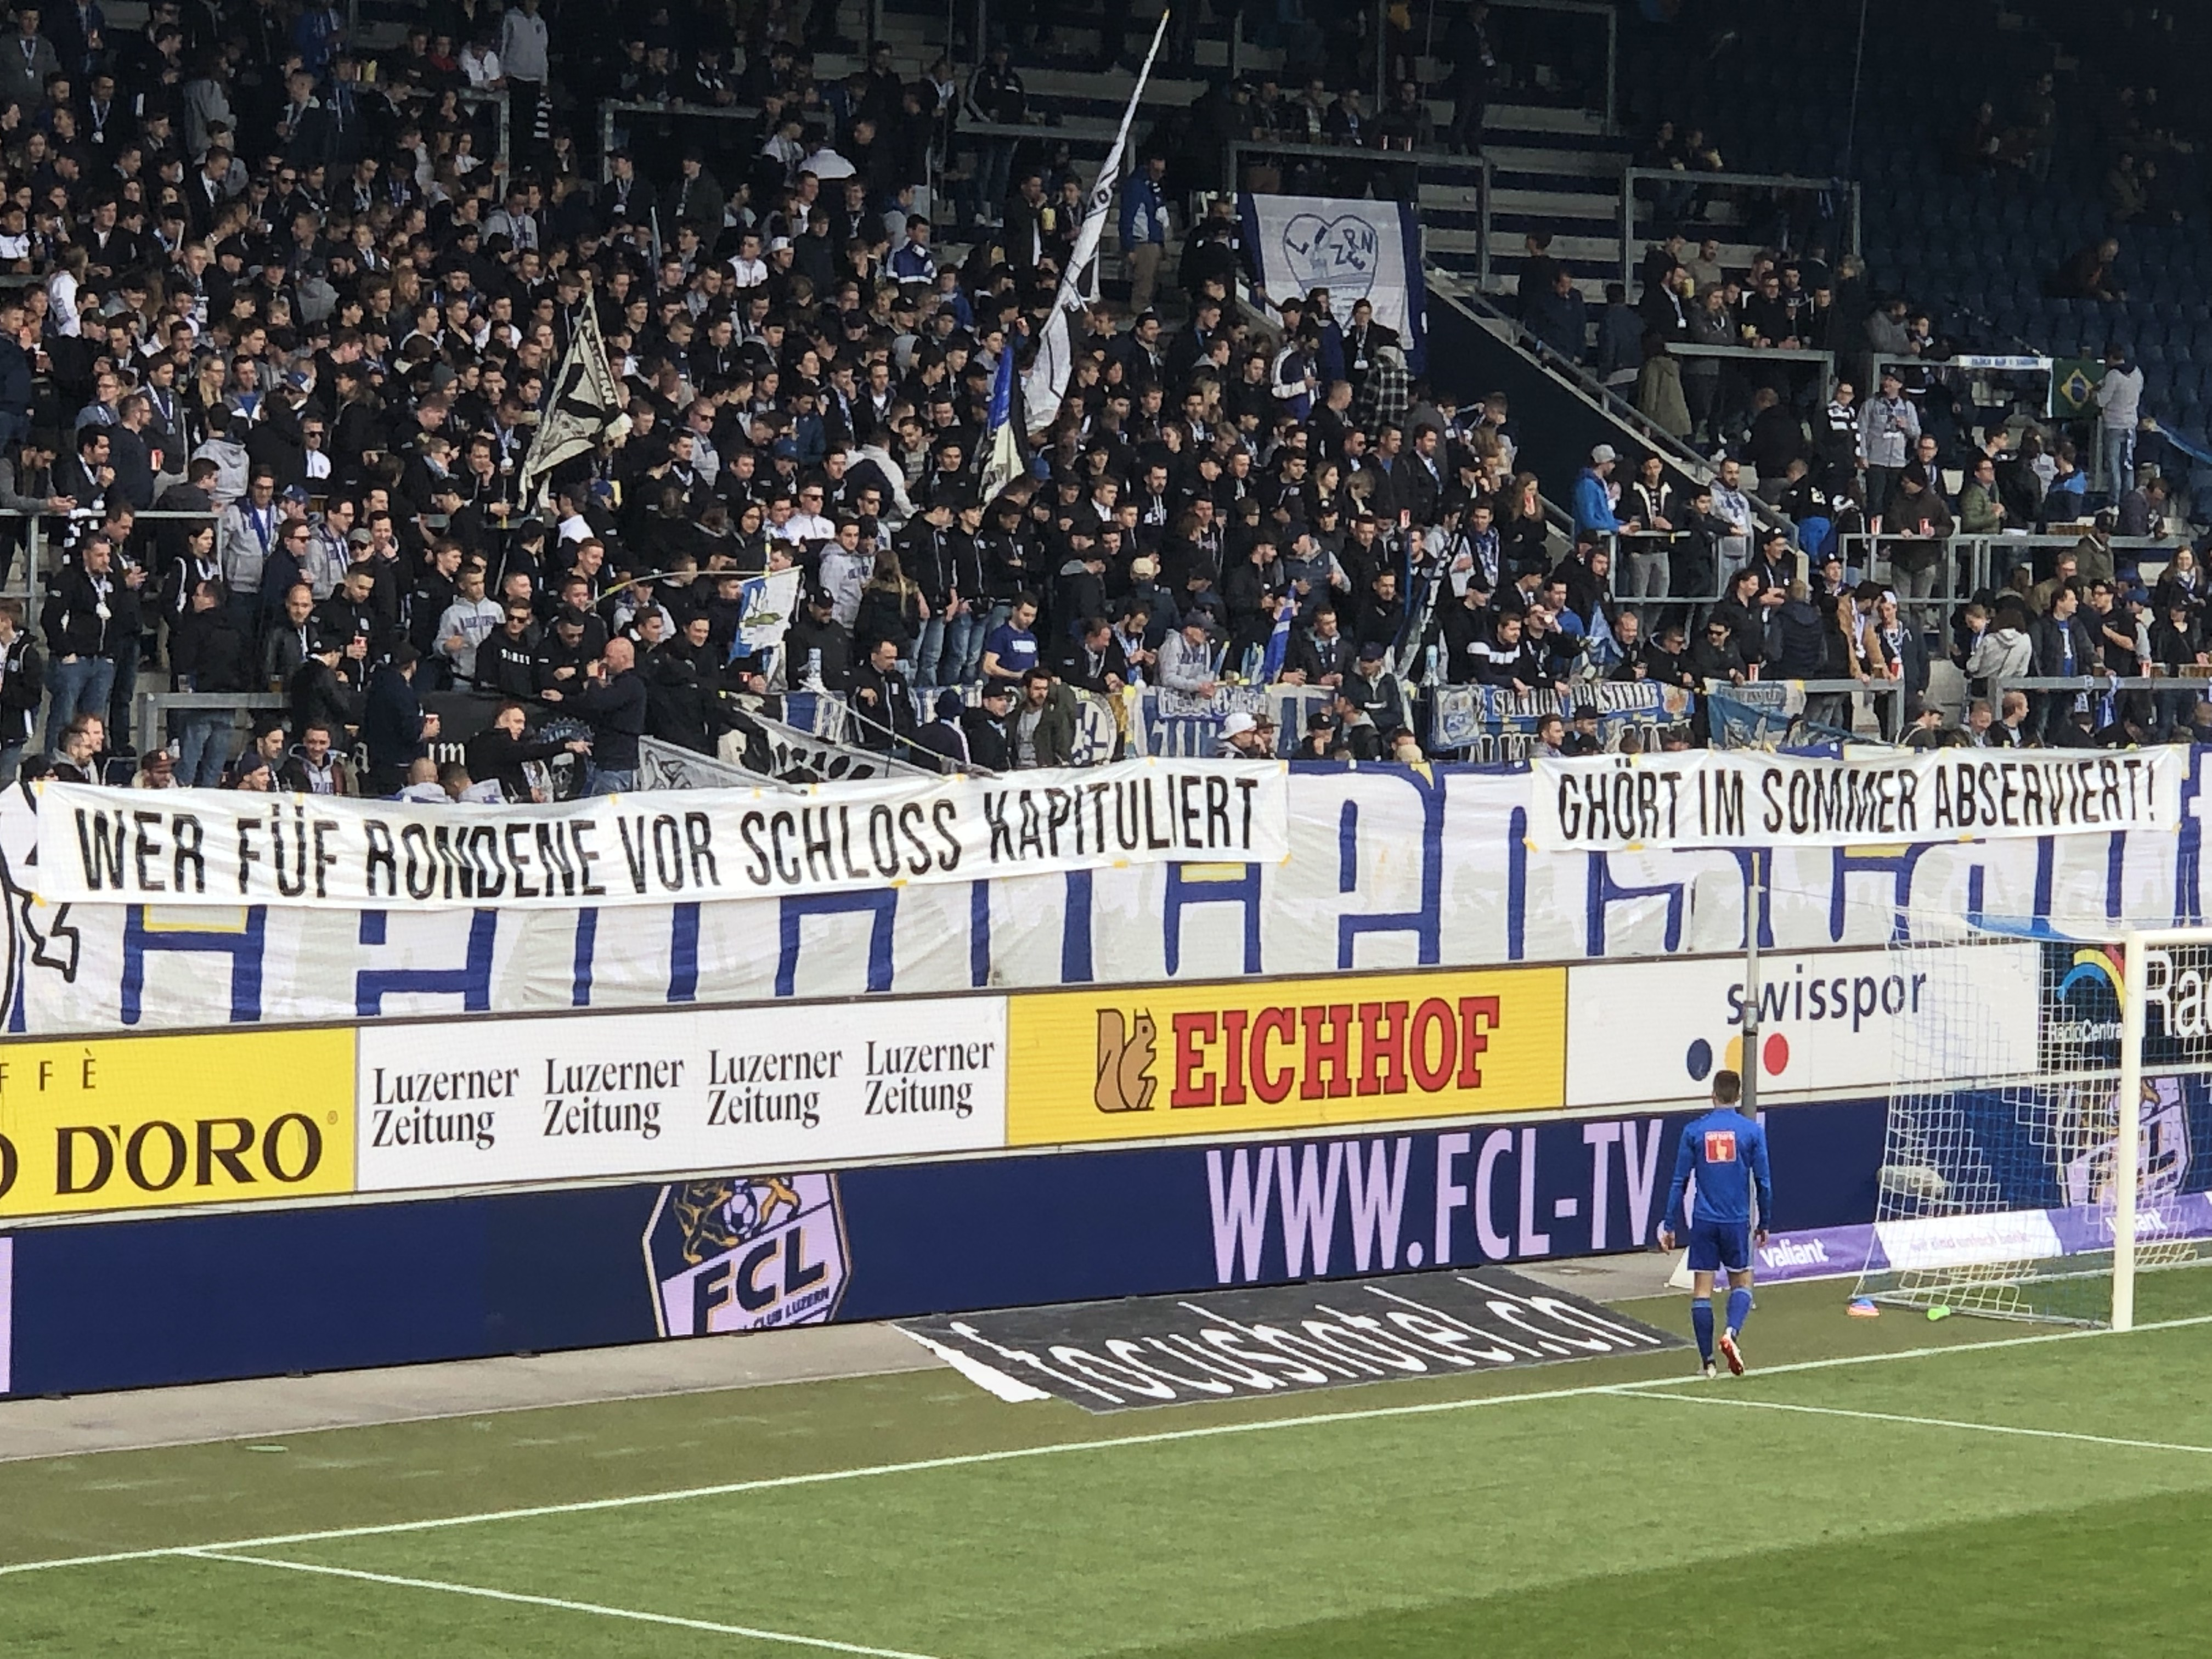 Mit diesem Spruchband verschafften die FCL-Fans ihrem Unmut gegenüber Häberlis Aussagen Luft.